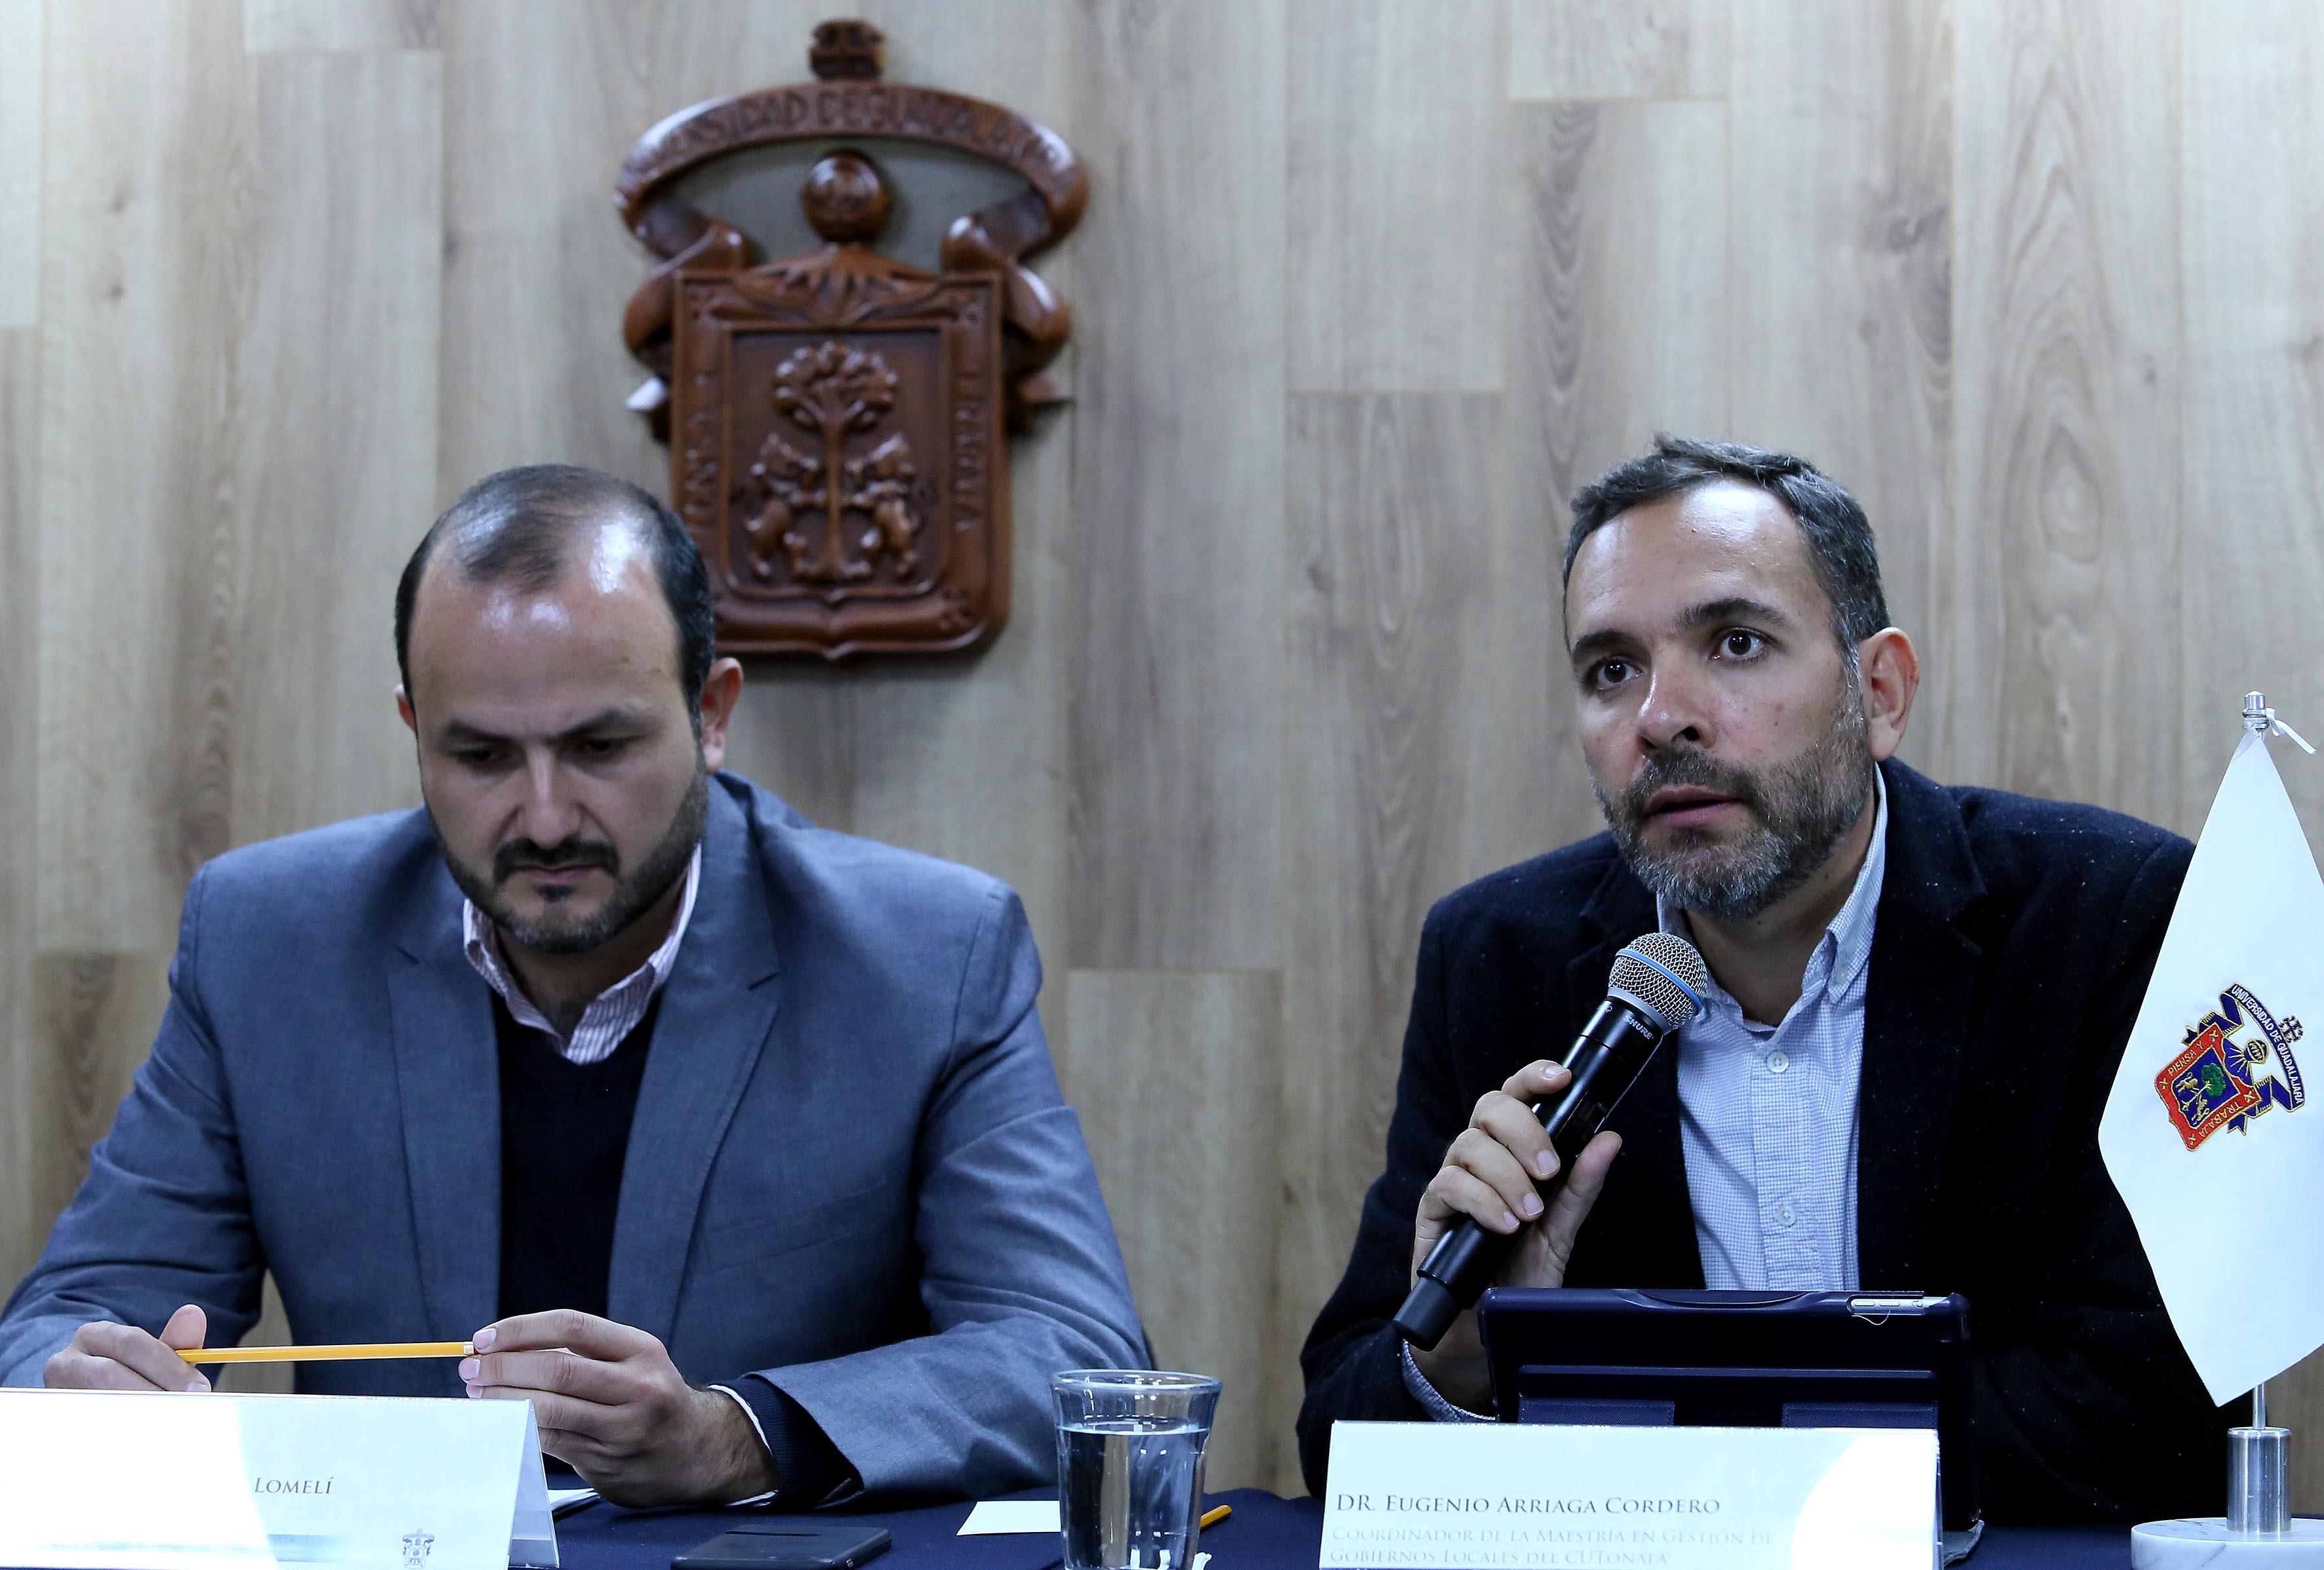 Durante su participación el doctor Eugenio Arriaga Cordero, coordinador de la maestría en Gestión de Gobiernos Locales